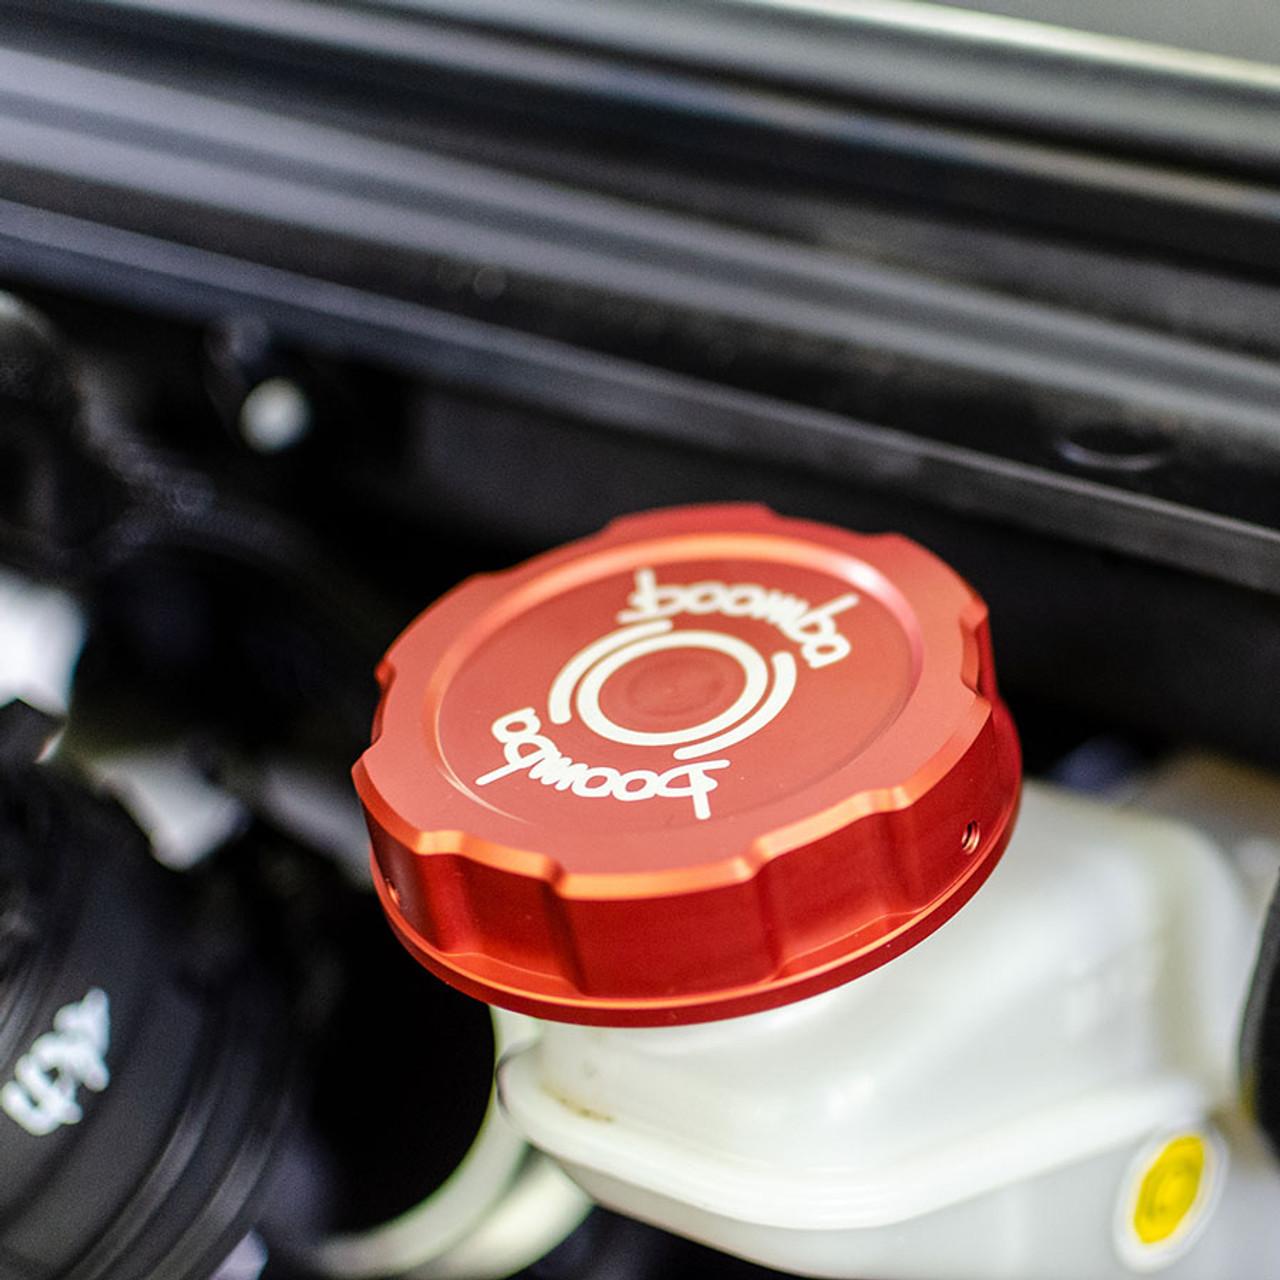 Veloster/Elantra/Forte Brake Master Cylinder Cap Cover